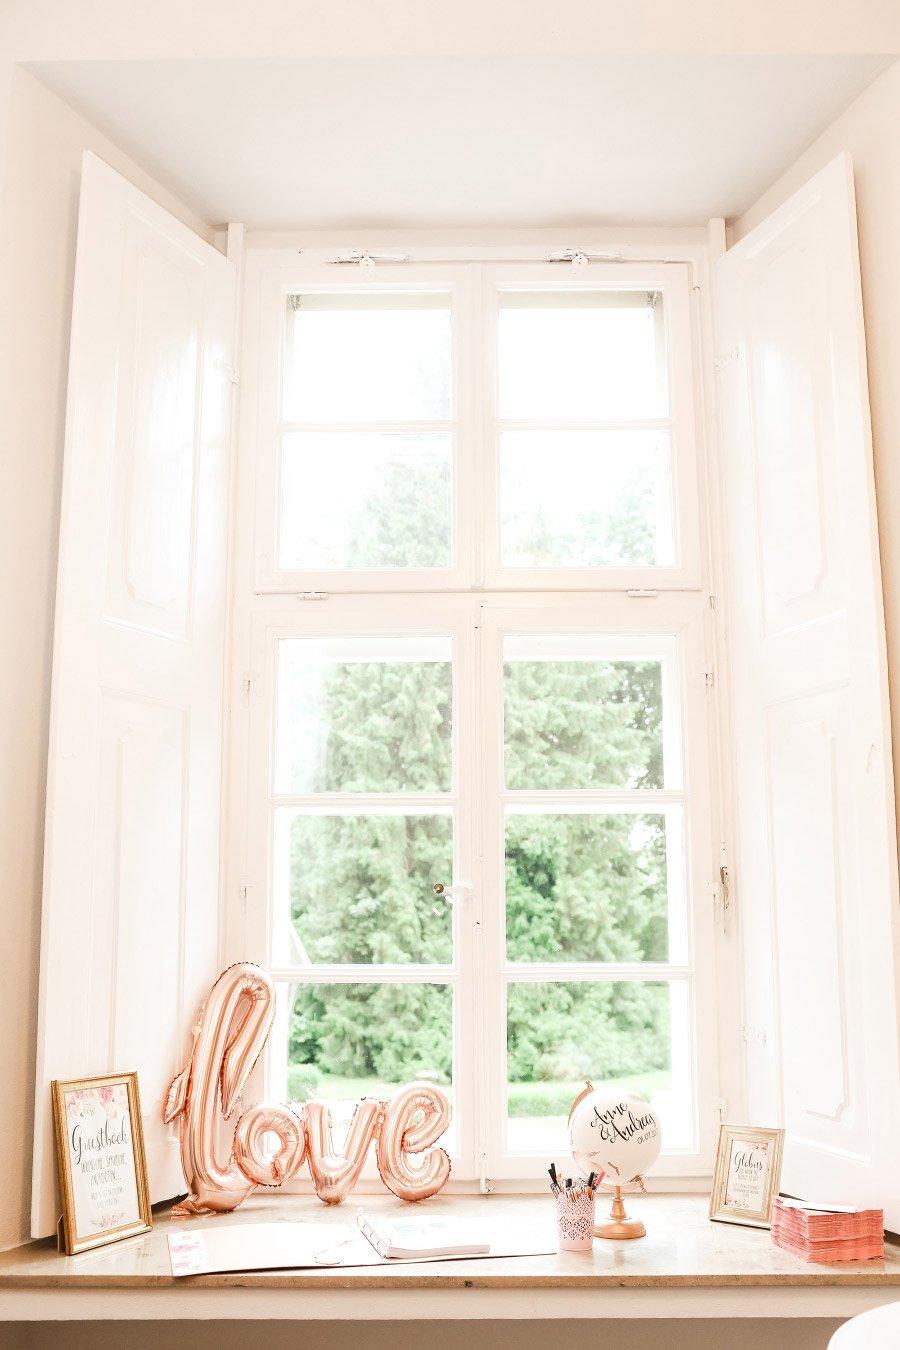 Dekoration eines Fensters bei der Hochzeit